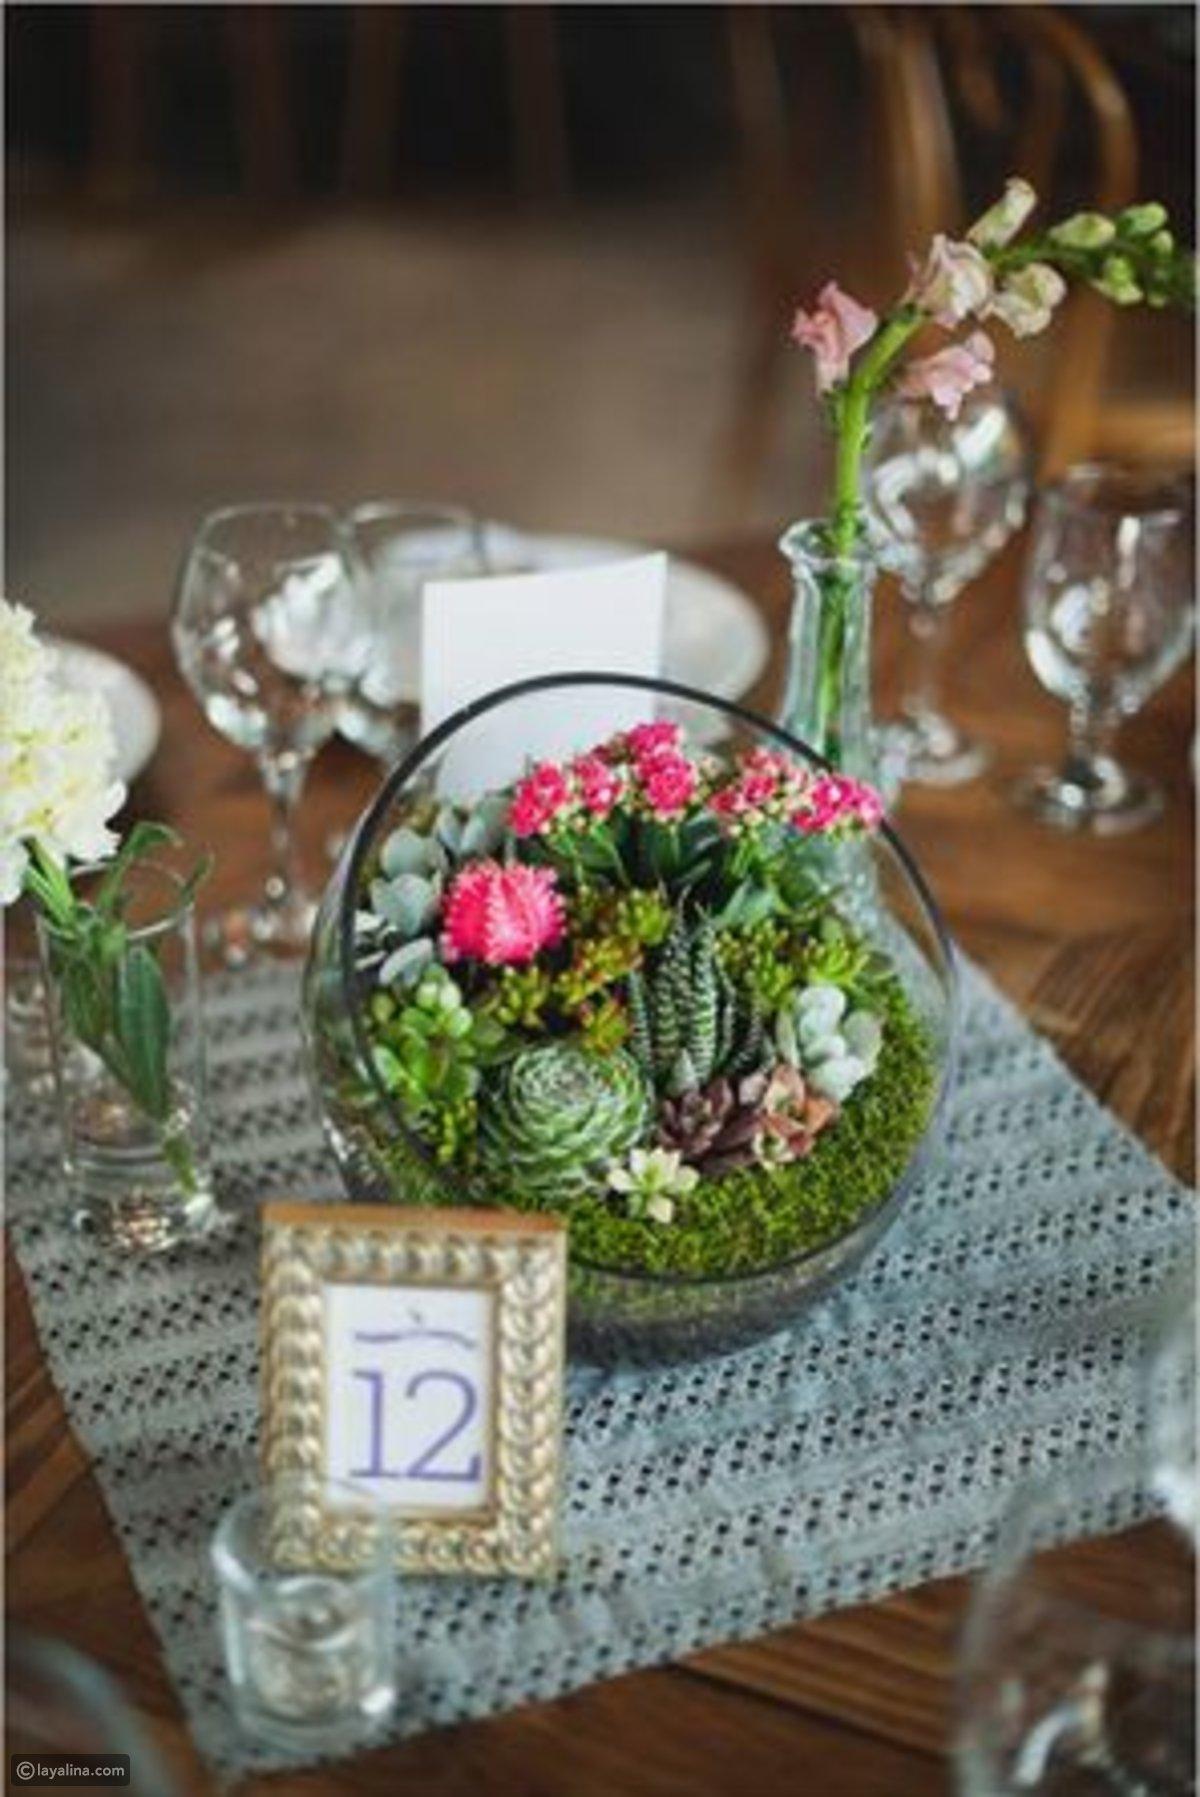 Trang trí nhà với 23 cách trồng cây mọng nước đẹp lạ - Ảnh 2.